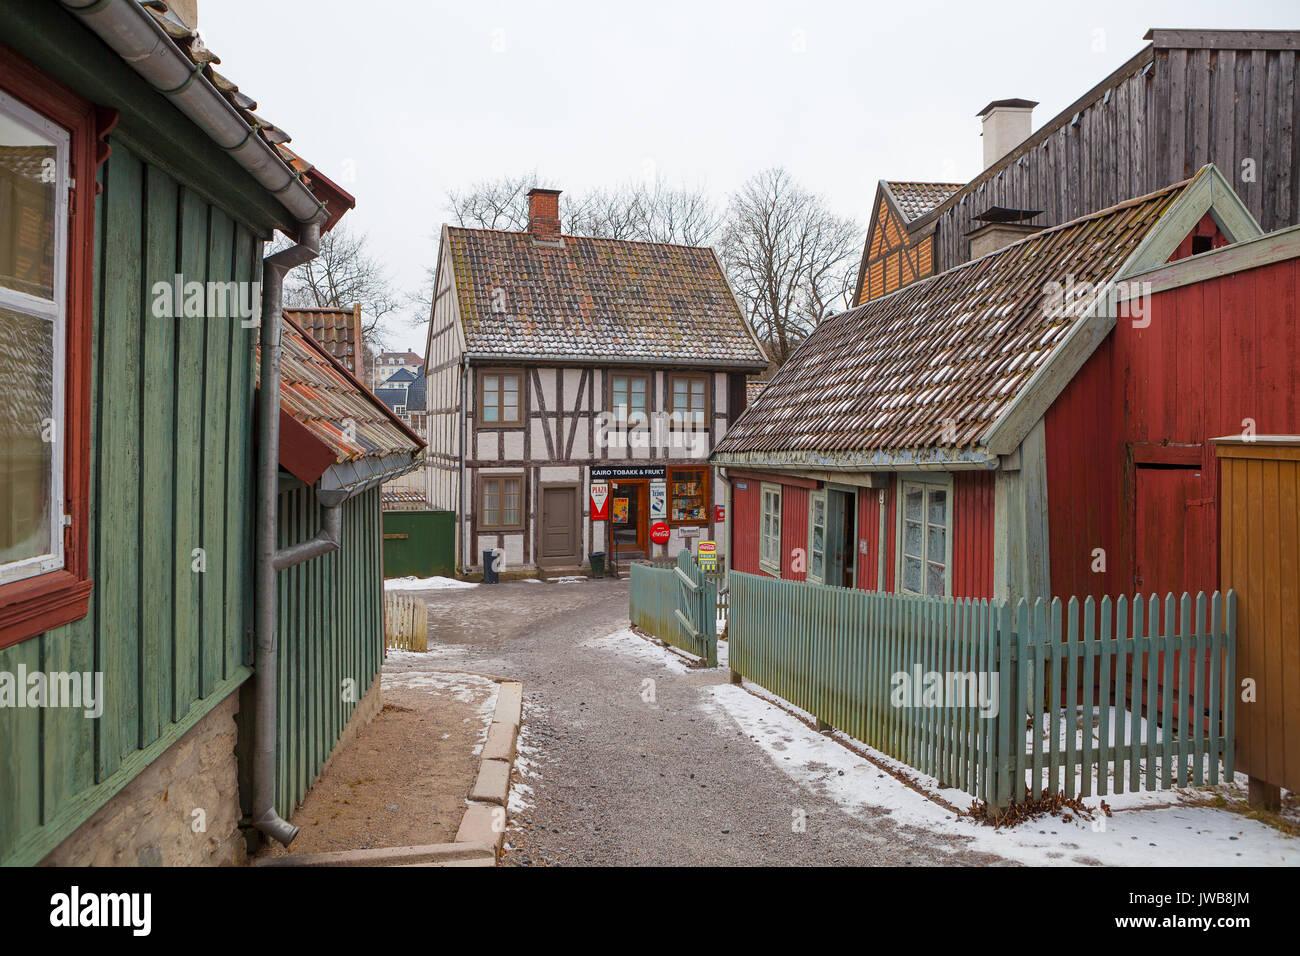 OSLO, Norvège - 28 févr. 2016: rue traditionnelle norvégienne avec les maisons en bois. Les anciens temps dans l'histoire du Musée de la culture norvégienne Photo Stock